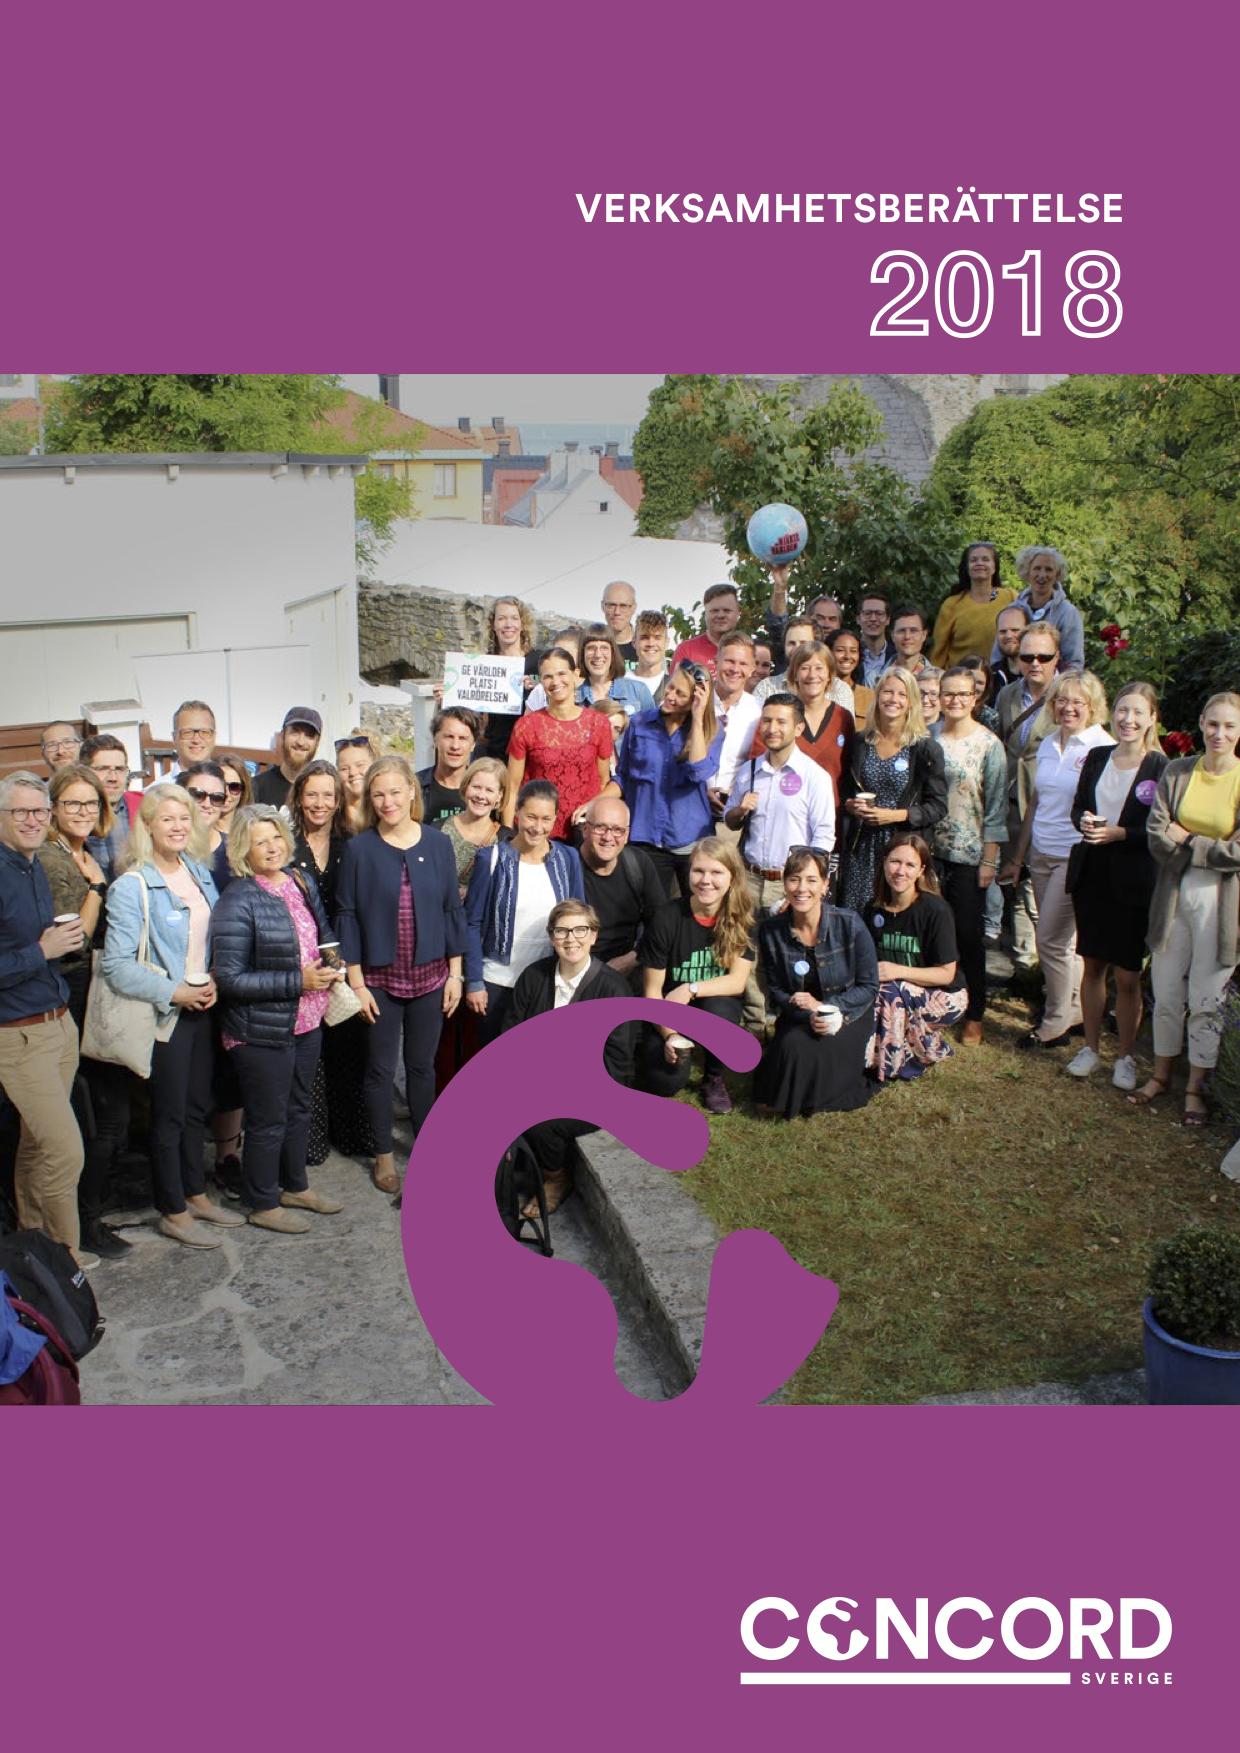 CONCORD Sveriges Verksamhetsberättelse 2018